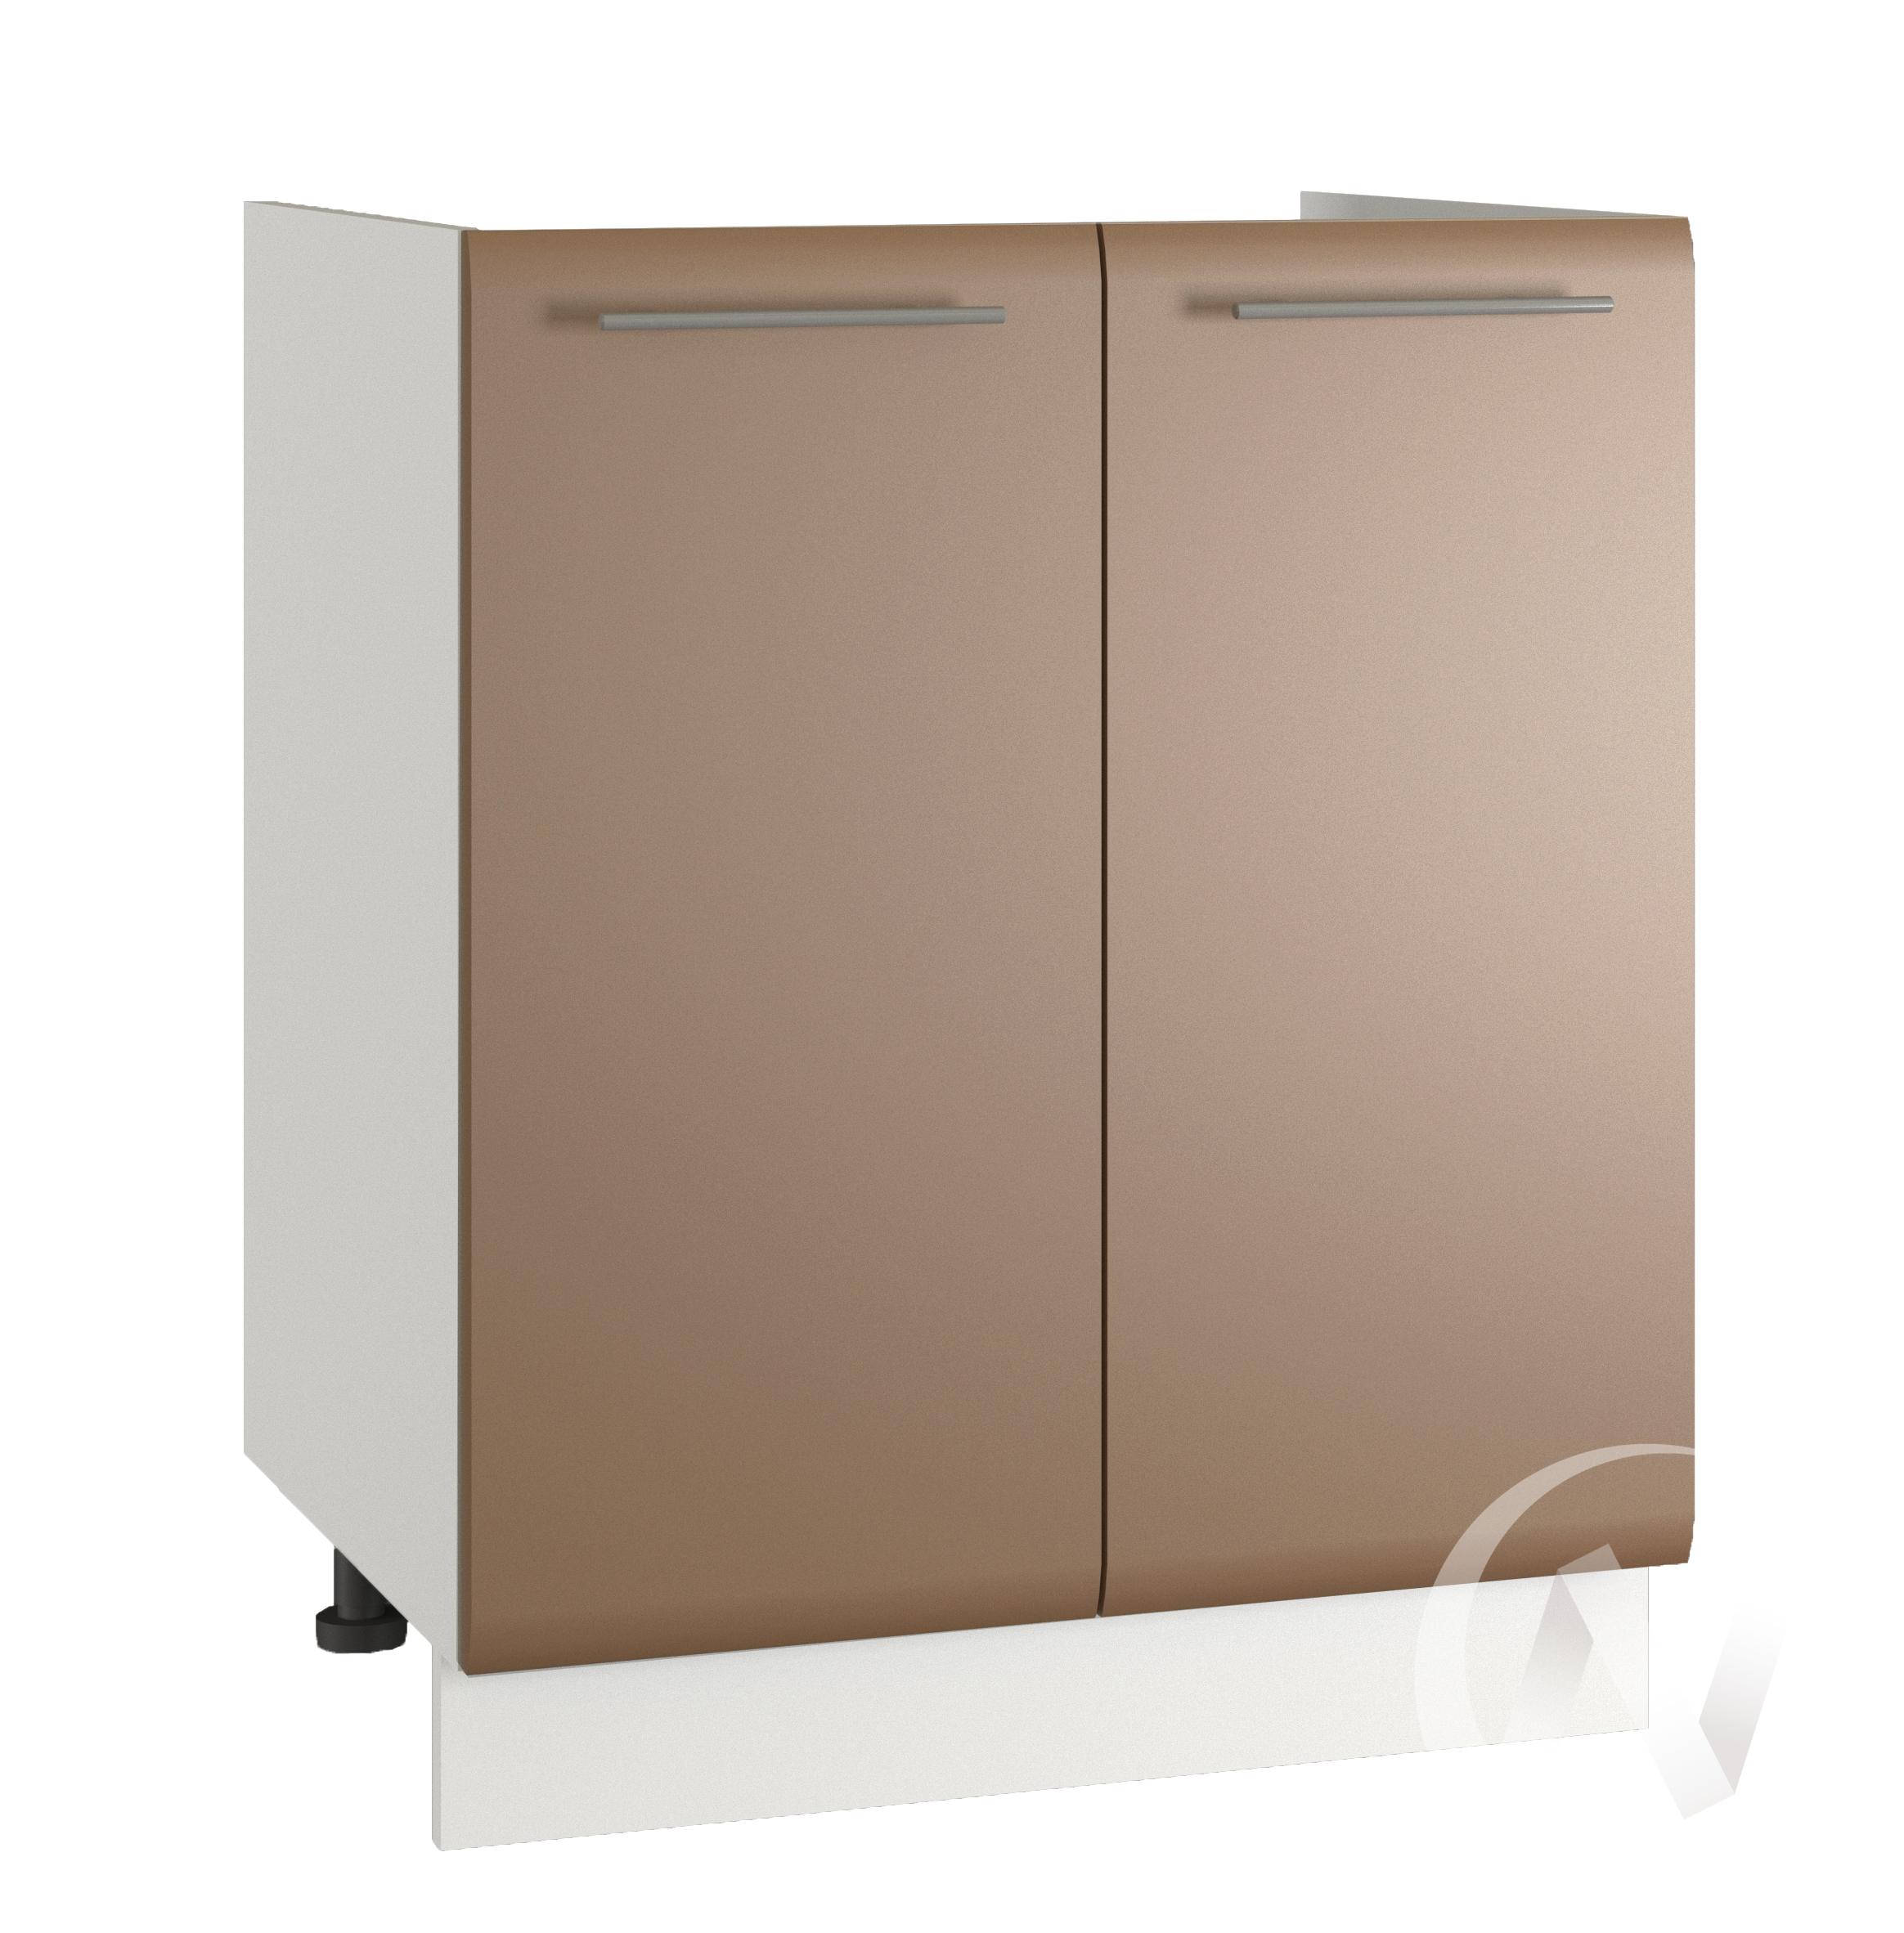 """Кухня """"Люкс"""": Шкаф нижний под мойку 600, ШНМ 600 новый (Шоколад матовый/корпус белый)"""